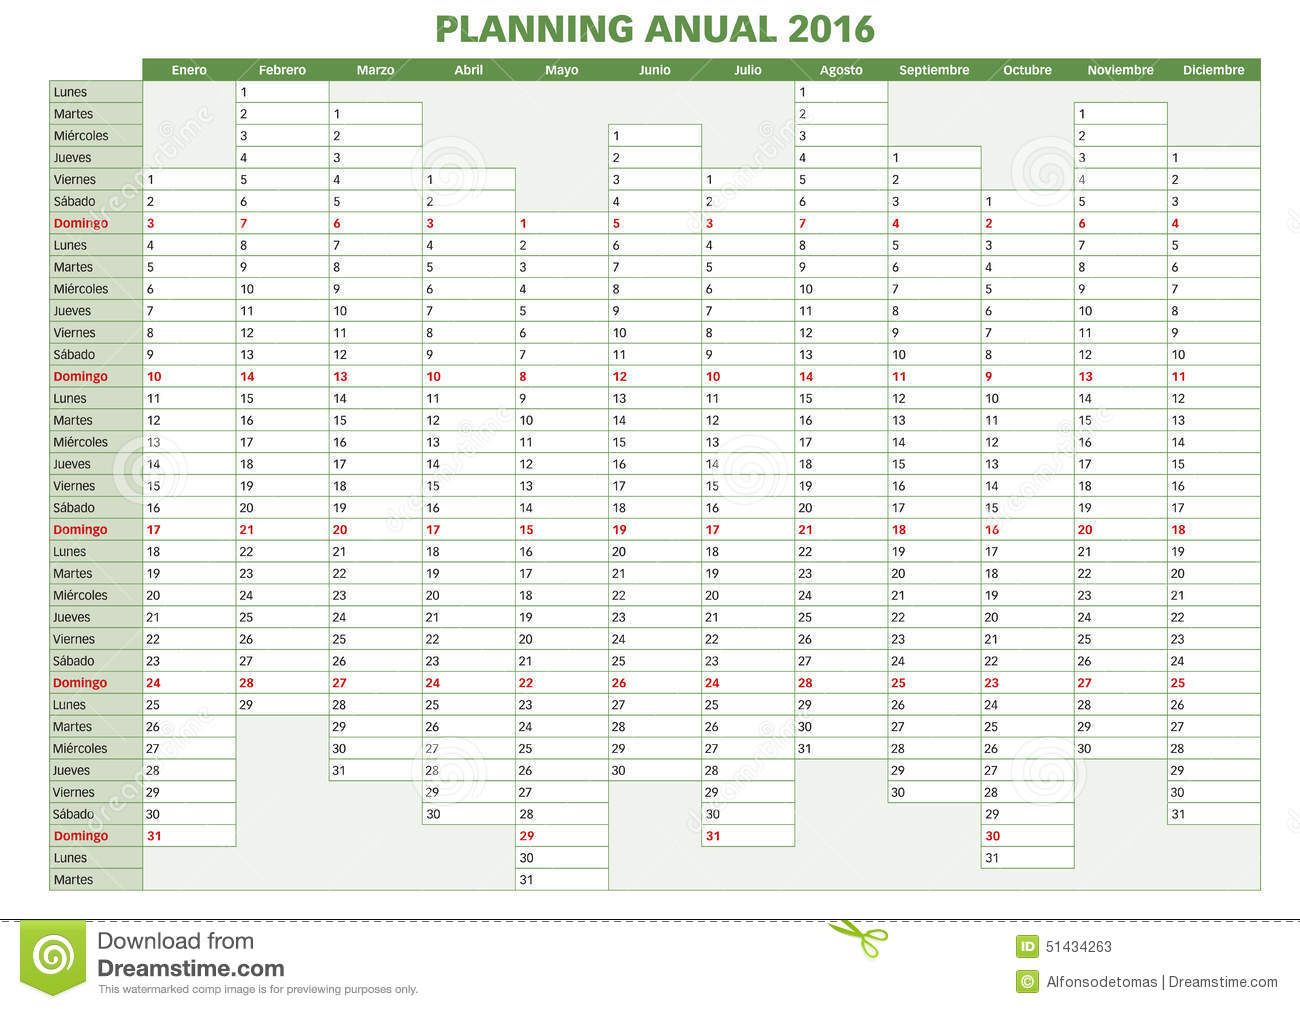 Español Anual 2016 Del Planificador Indd - Descarga De Over 38 Millones de fotos de alta calidad e imágenes Vectores% ee%. Inscríbete GRATIS hoy. Imagen: 51434263